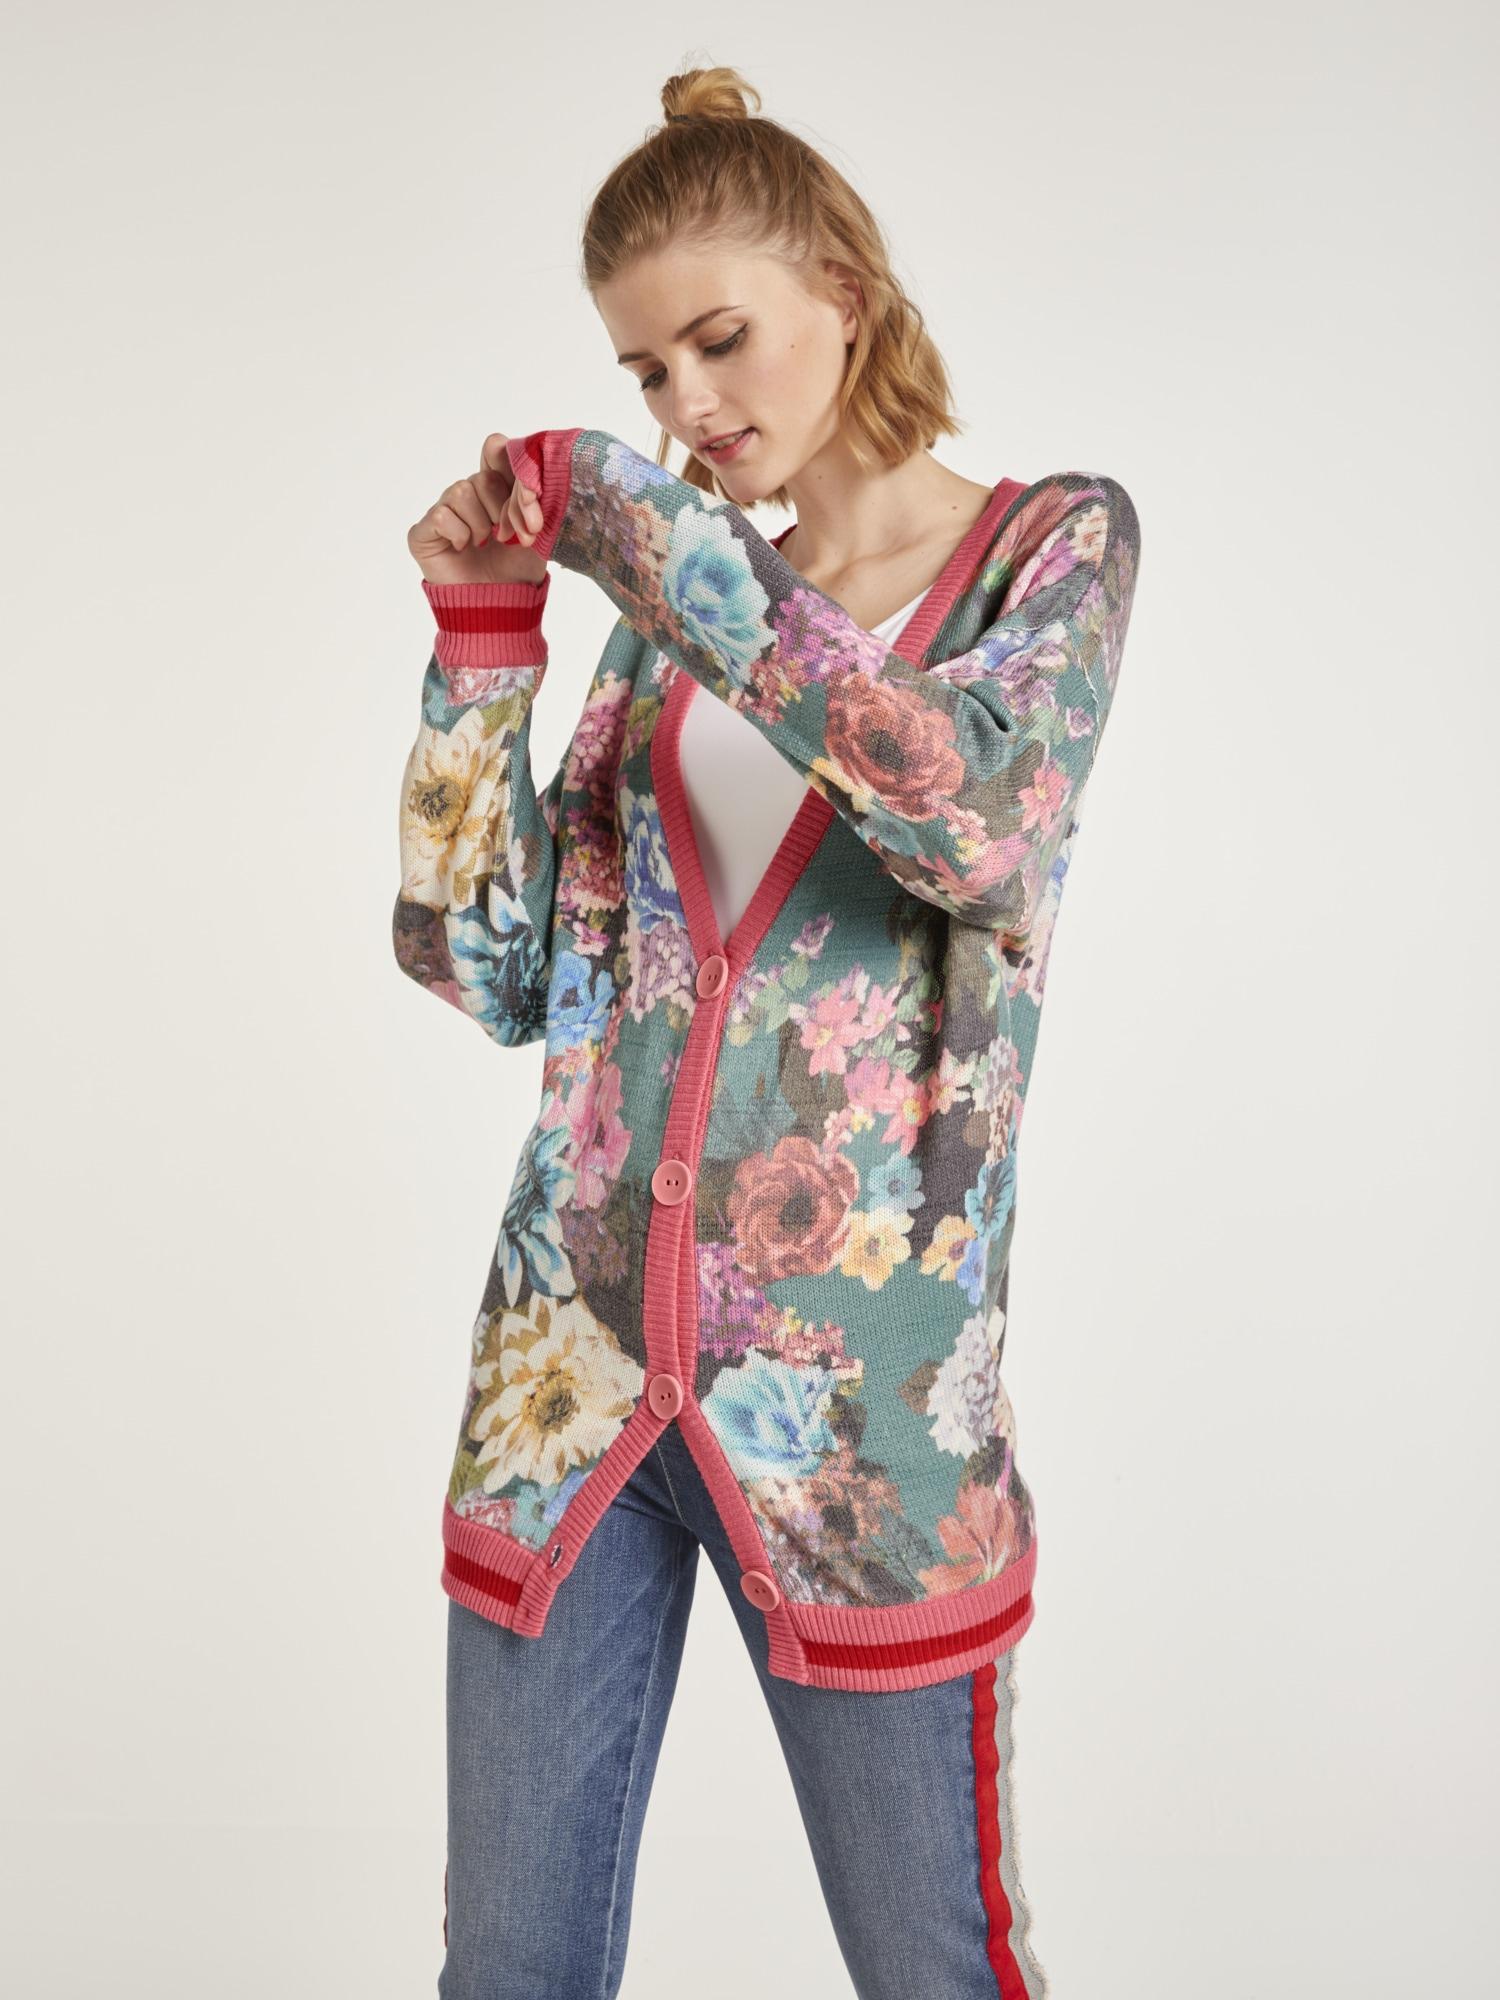 heine STYLE Strickjacke mit Blumenmuster | Bekleidung > Strickjacken & -mäntel | Bunt | Viskose | Heine Style